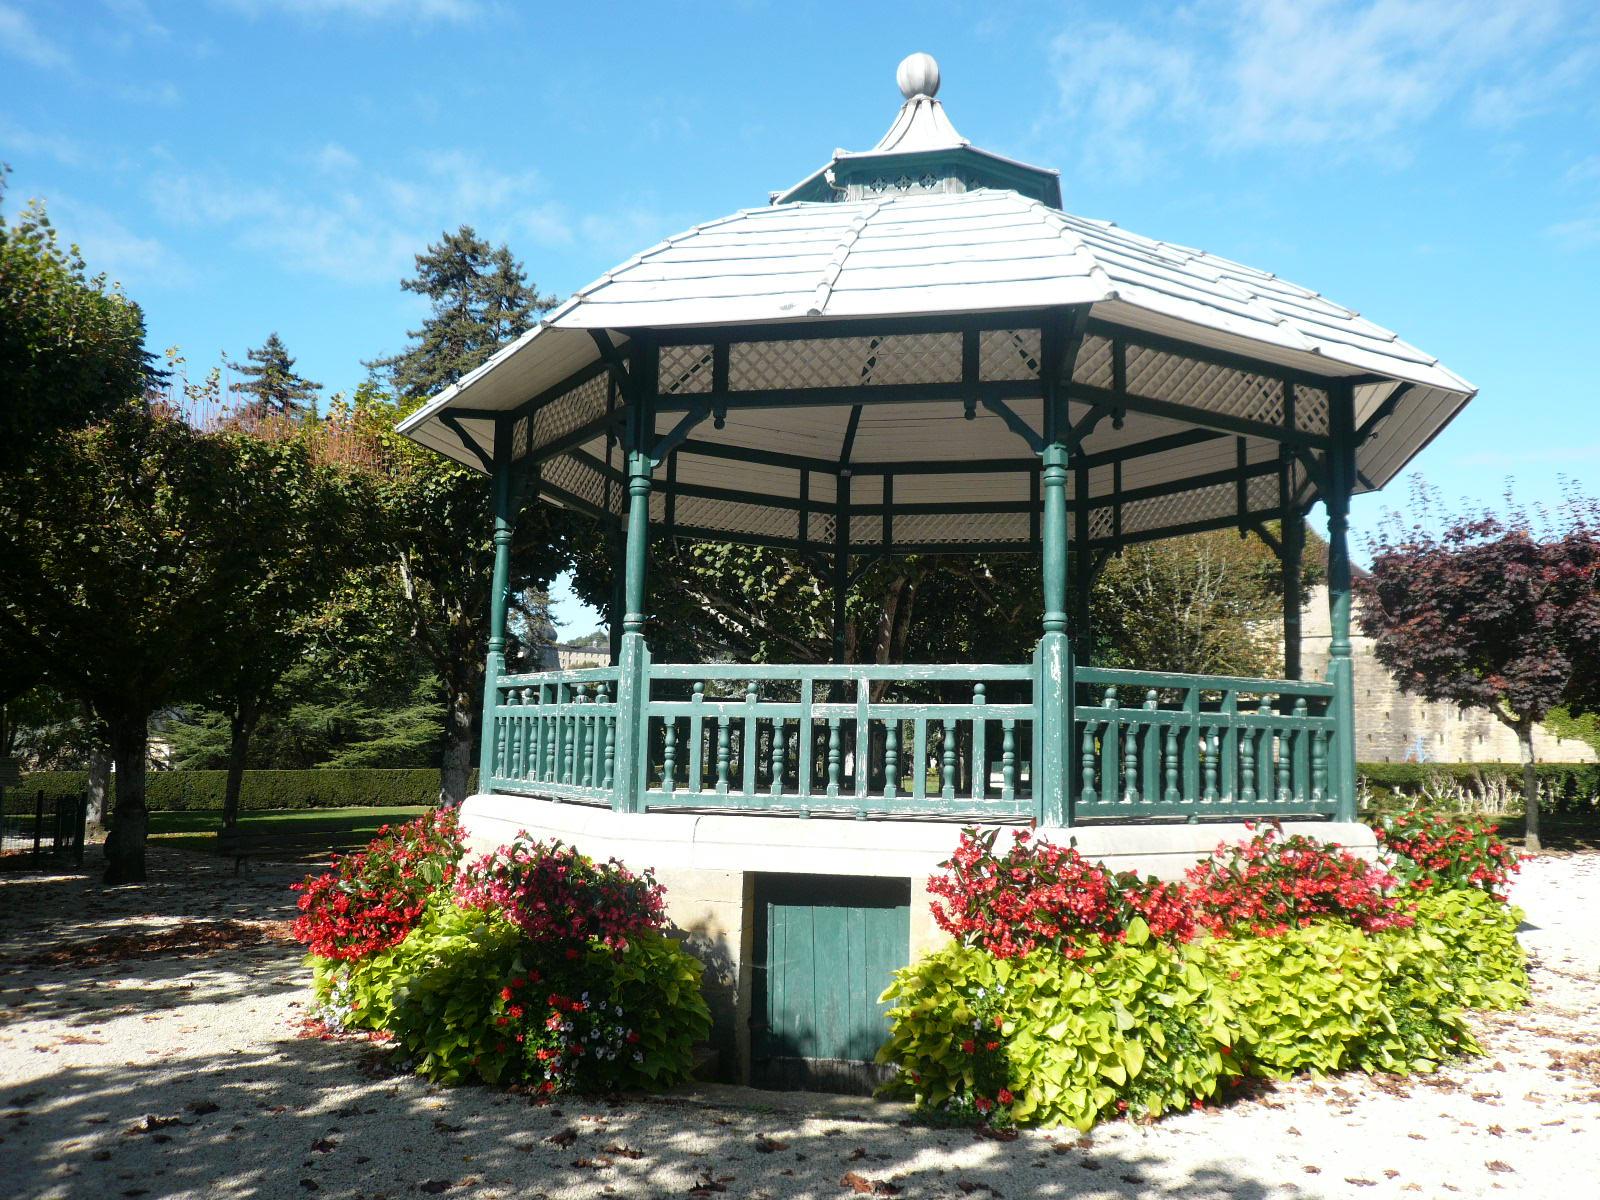 File:p1070119 Kiosque Jardin Public Du Plantier Sarlat.jpg ... destiné Abri De Jardin Original